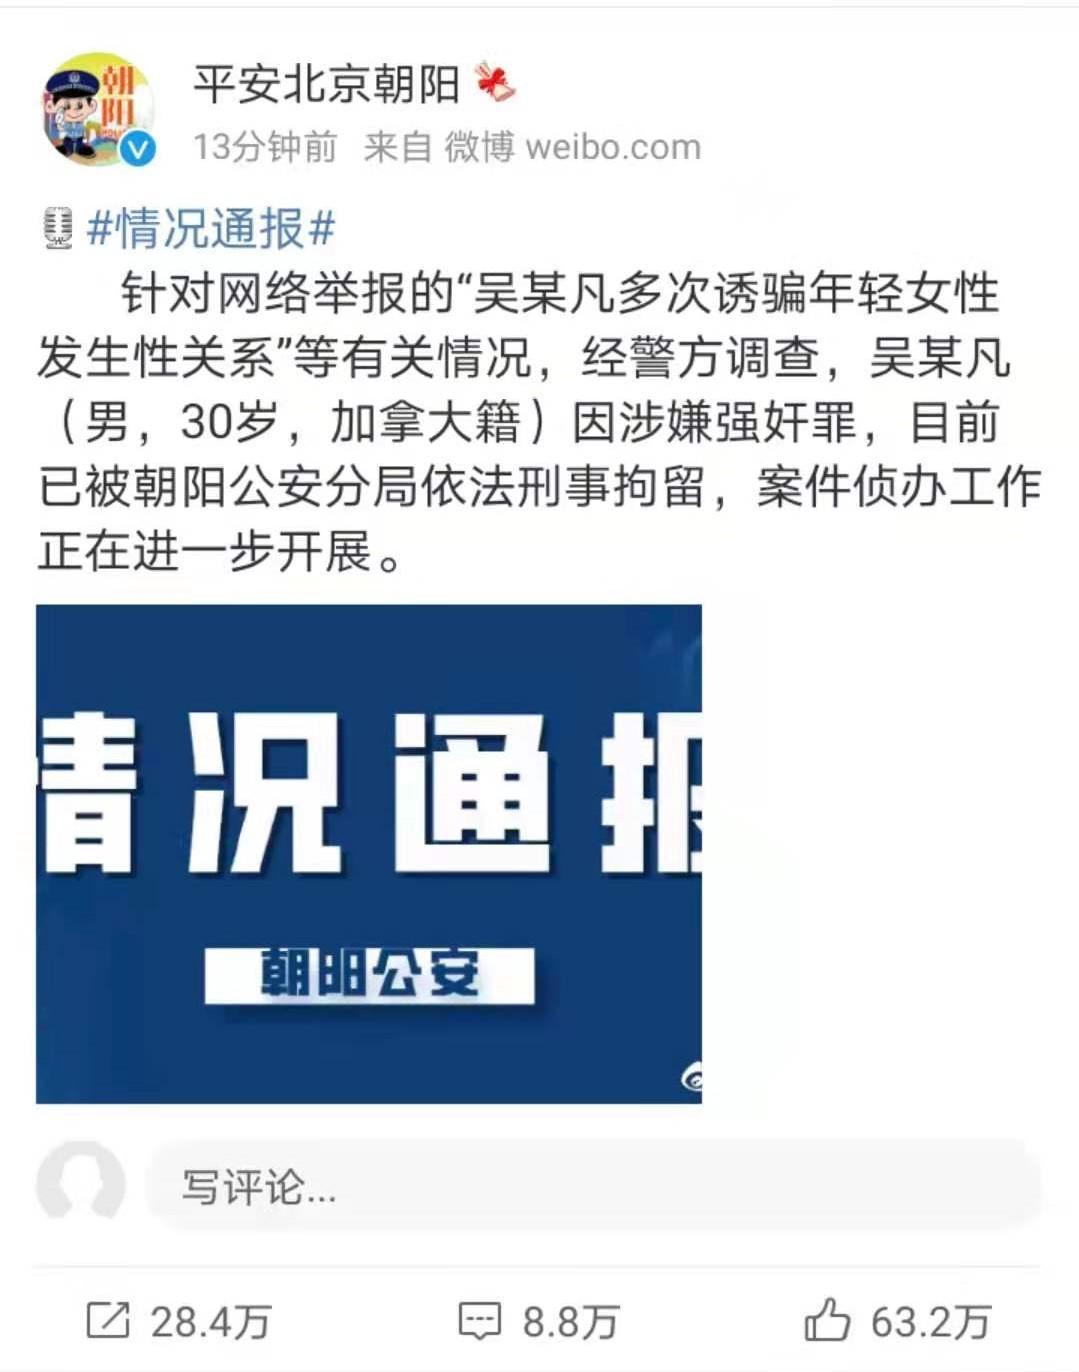 """吴亦凡被刑拘,不能让""""失格偶像""""把粉丝带进沟里"""